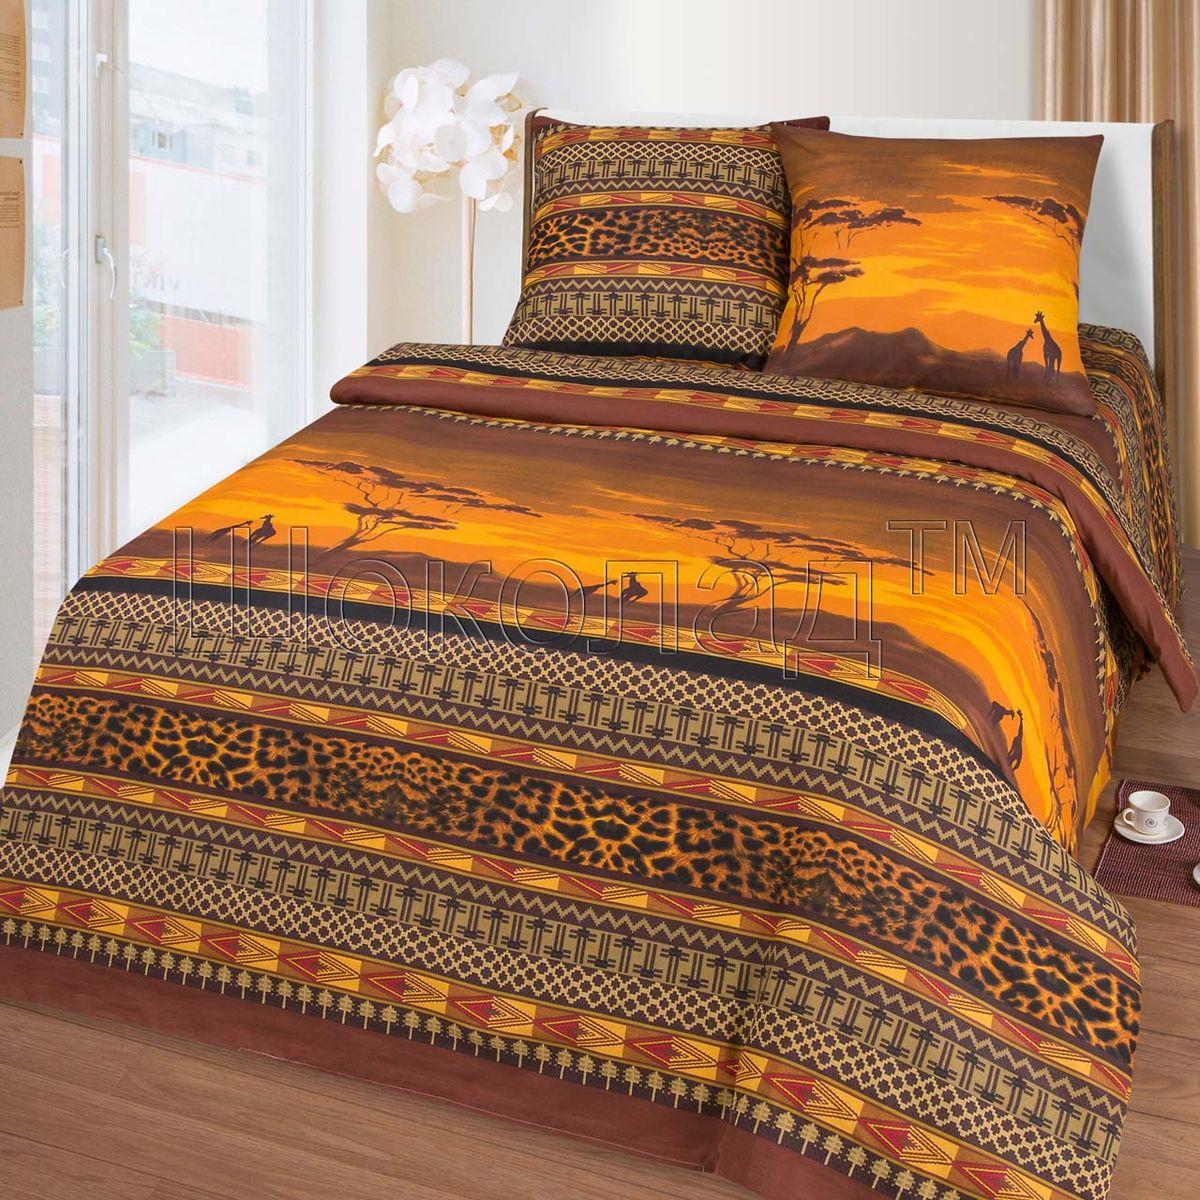 Комплект белья Шоколад Кения, семейный, наволочки 70x70. Б120Б120